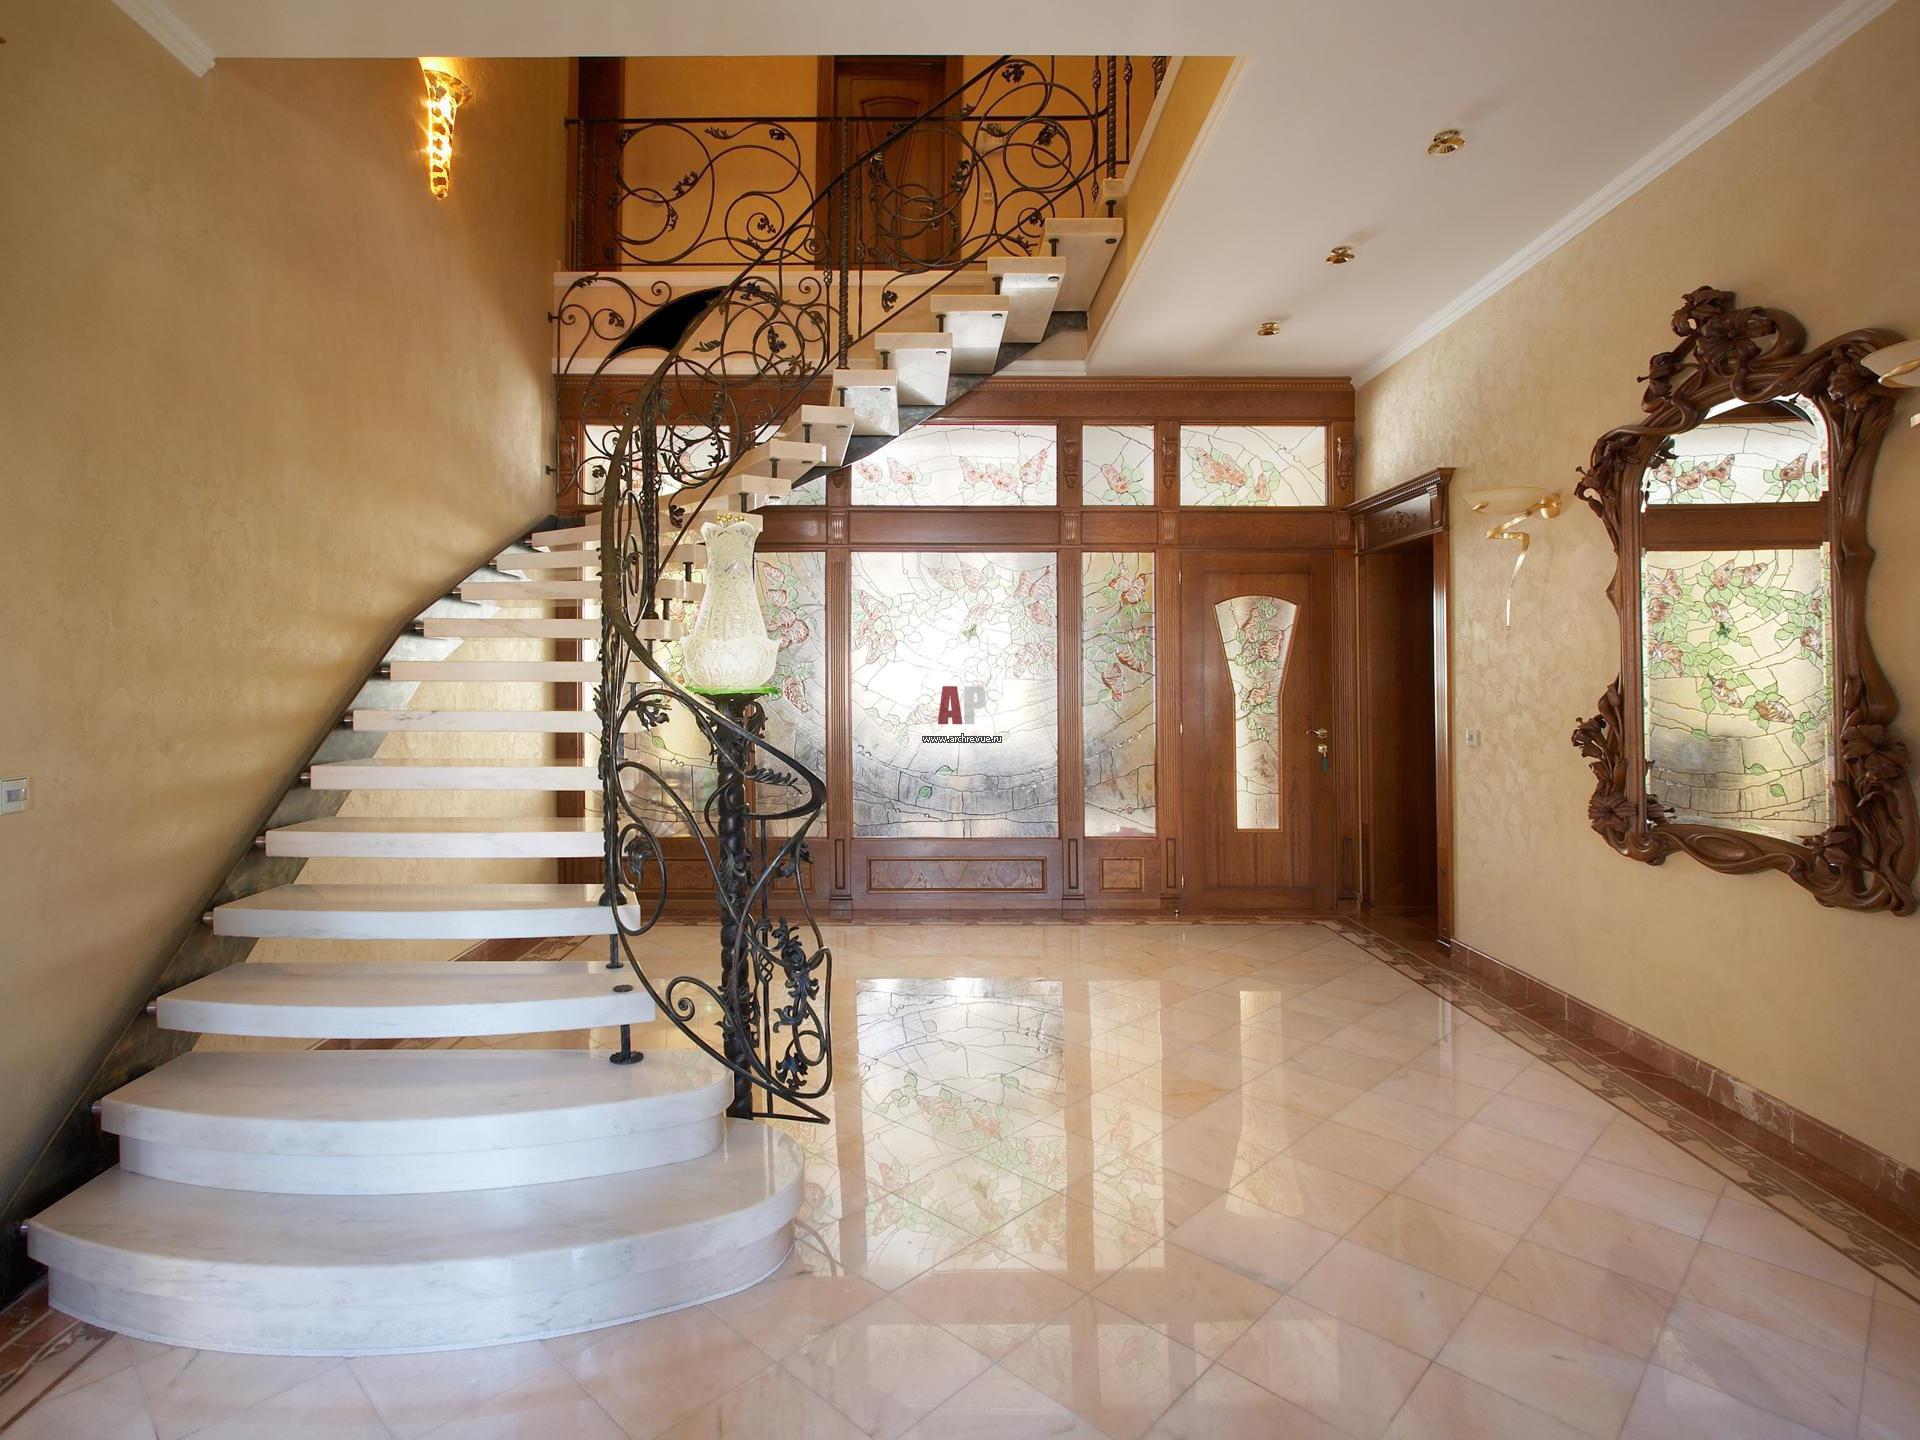 Лестница в частном доме в интерьере фото